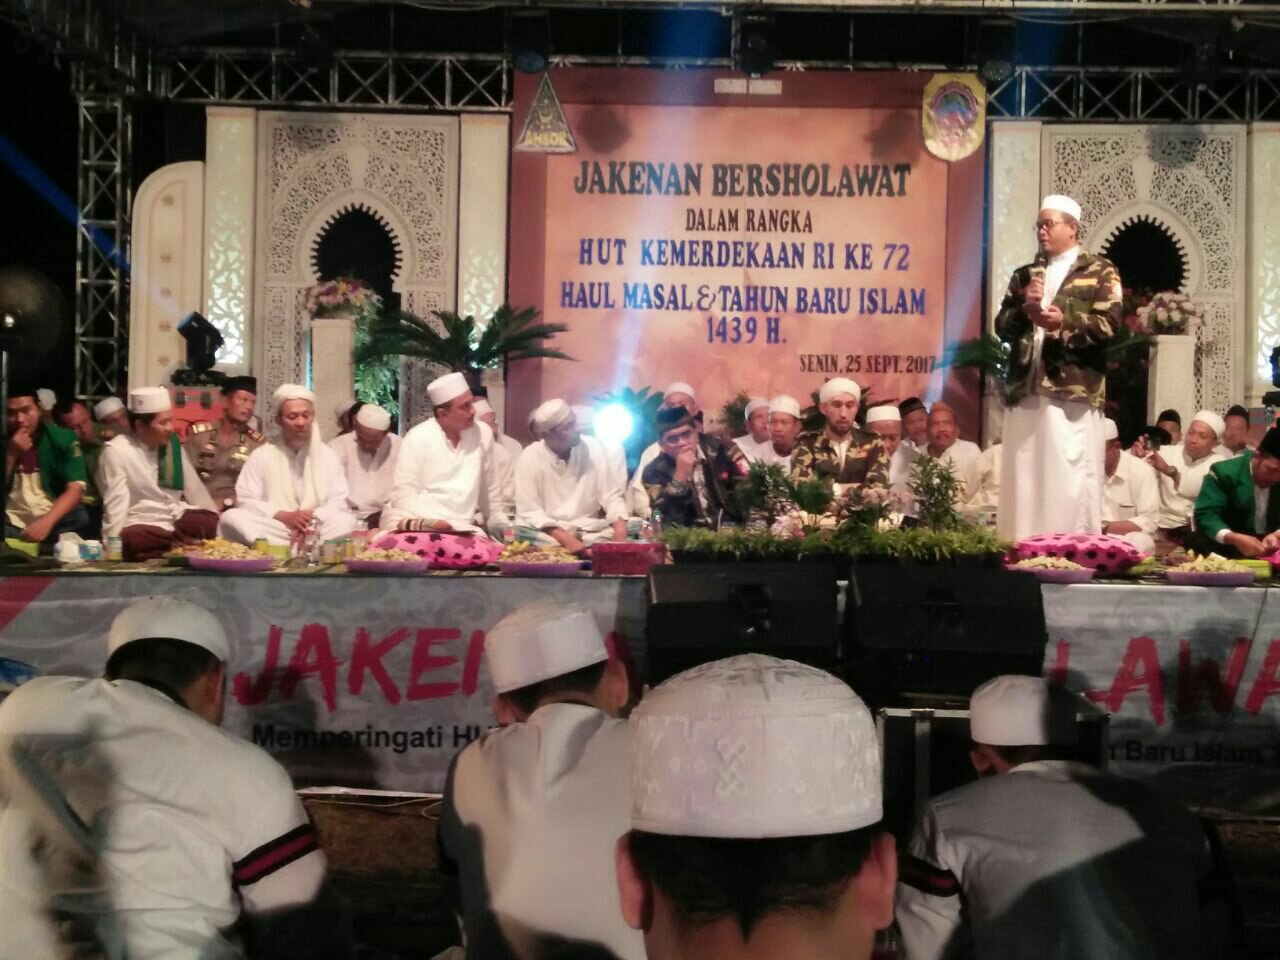 Jakenan Bersholawat Dalam Rangka Sambut Tahun Baru Islam 1439 Hijriah